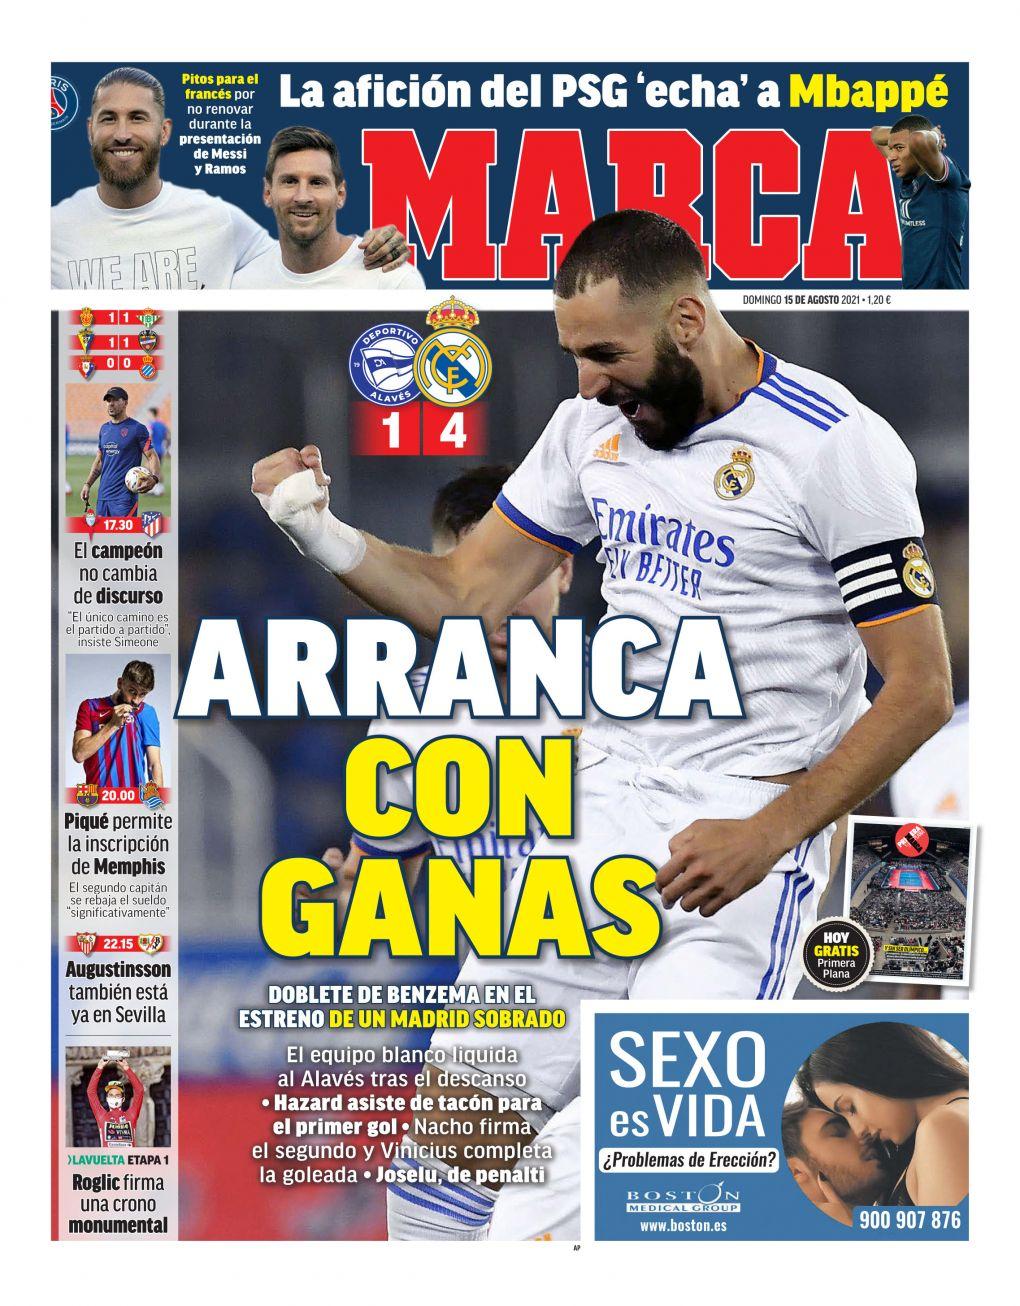 Documentos españoles de hoy: Ancelotti inicia el regreso del Real Madrid con la victoria del Alavés y Memphis parece listo para debutar en el Barcelona